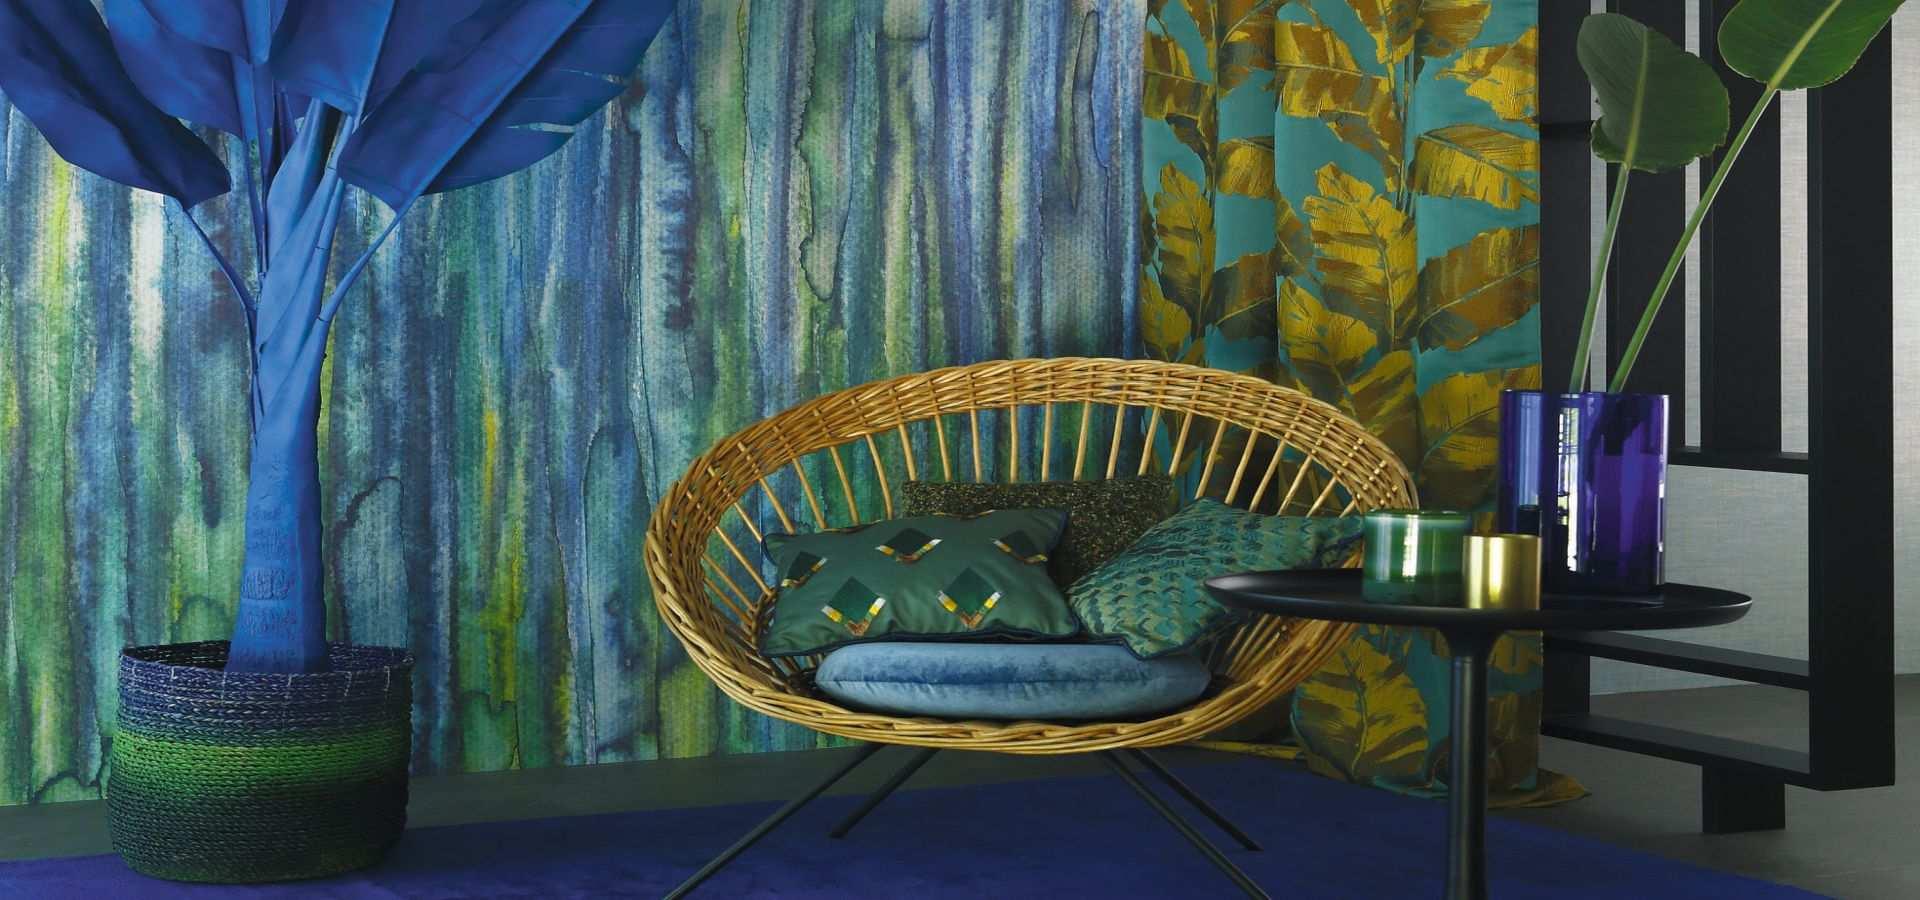 Bild Wohnzimmer und Tapete in Blätteroptik